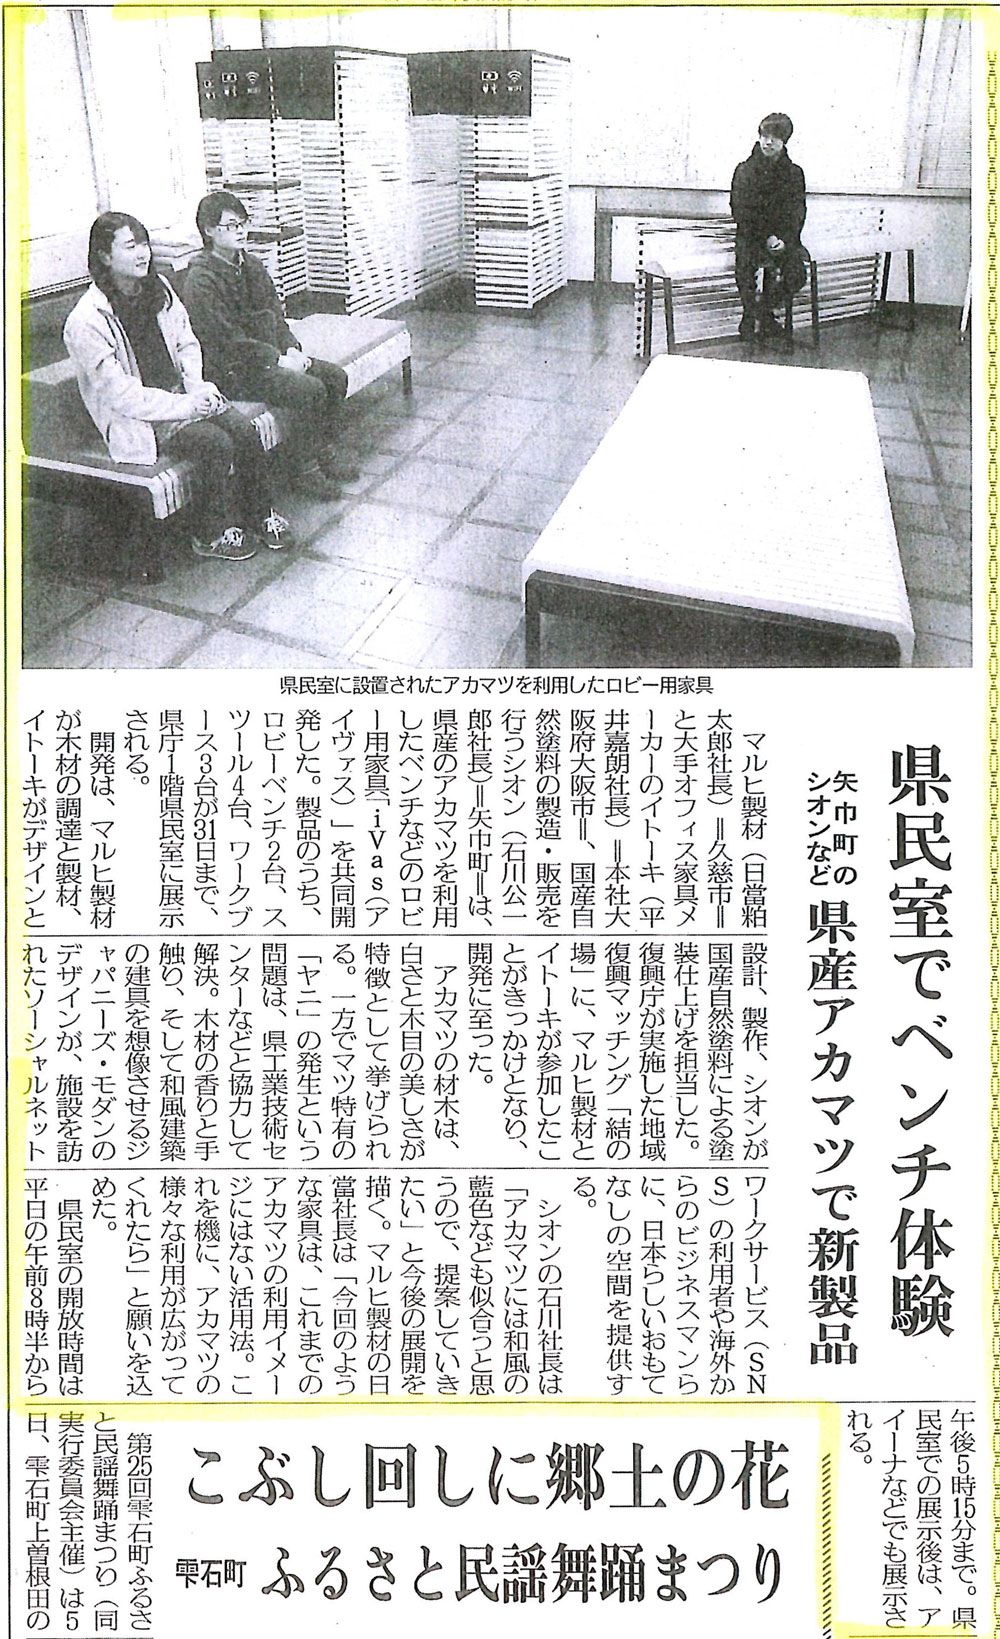 盛岡タイムス2017.03.07新聞記事